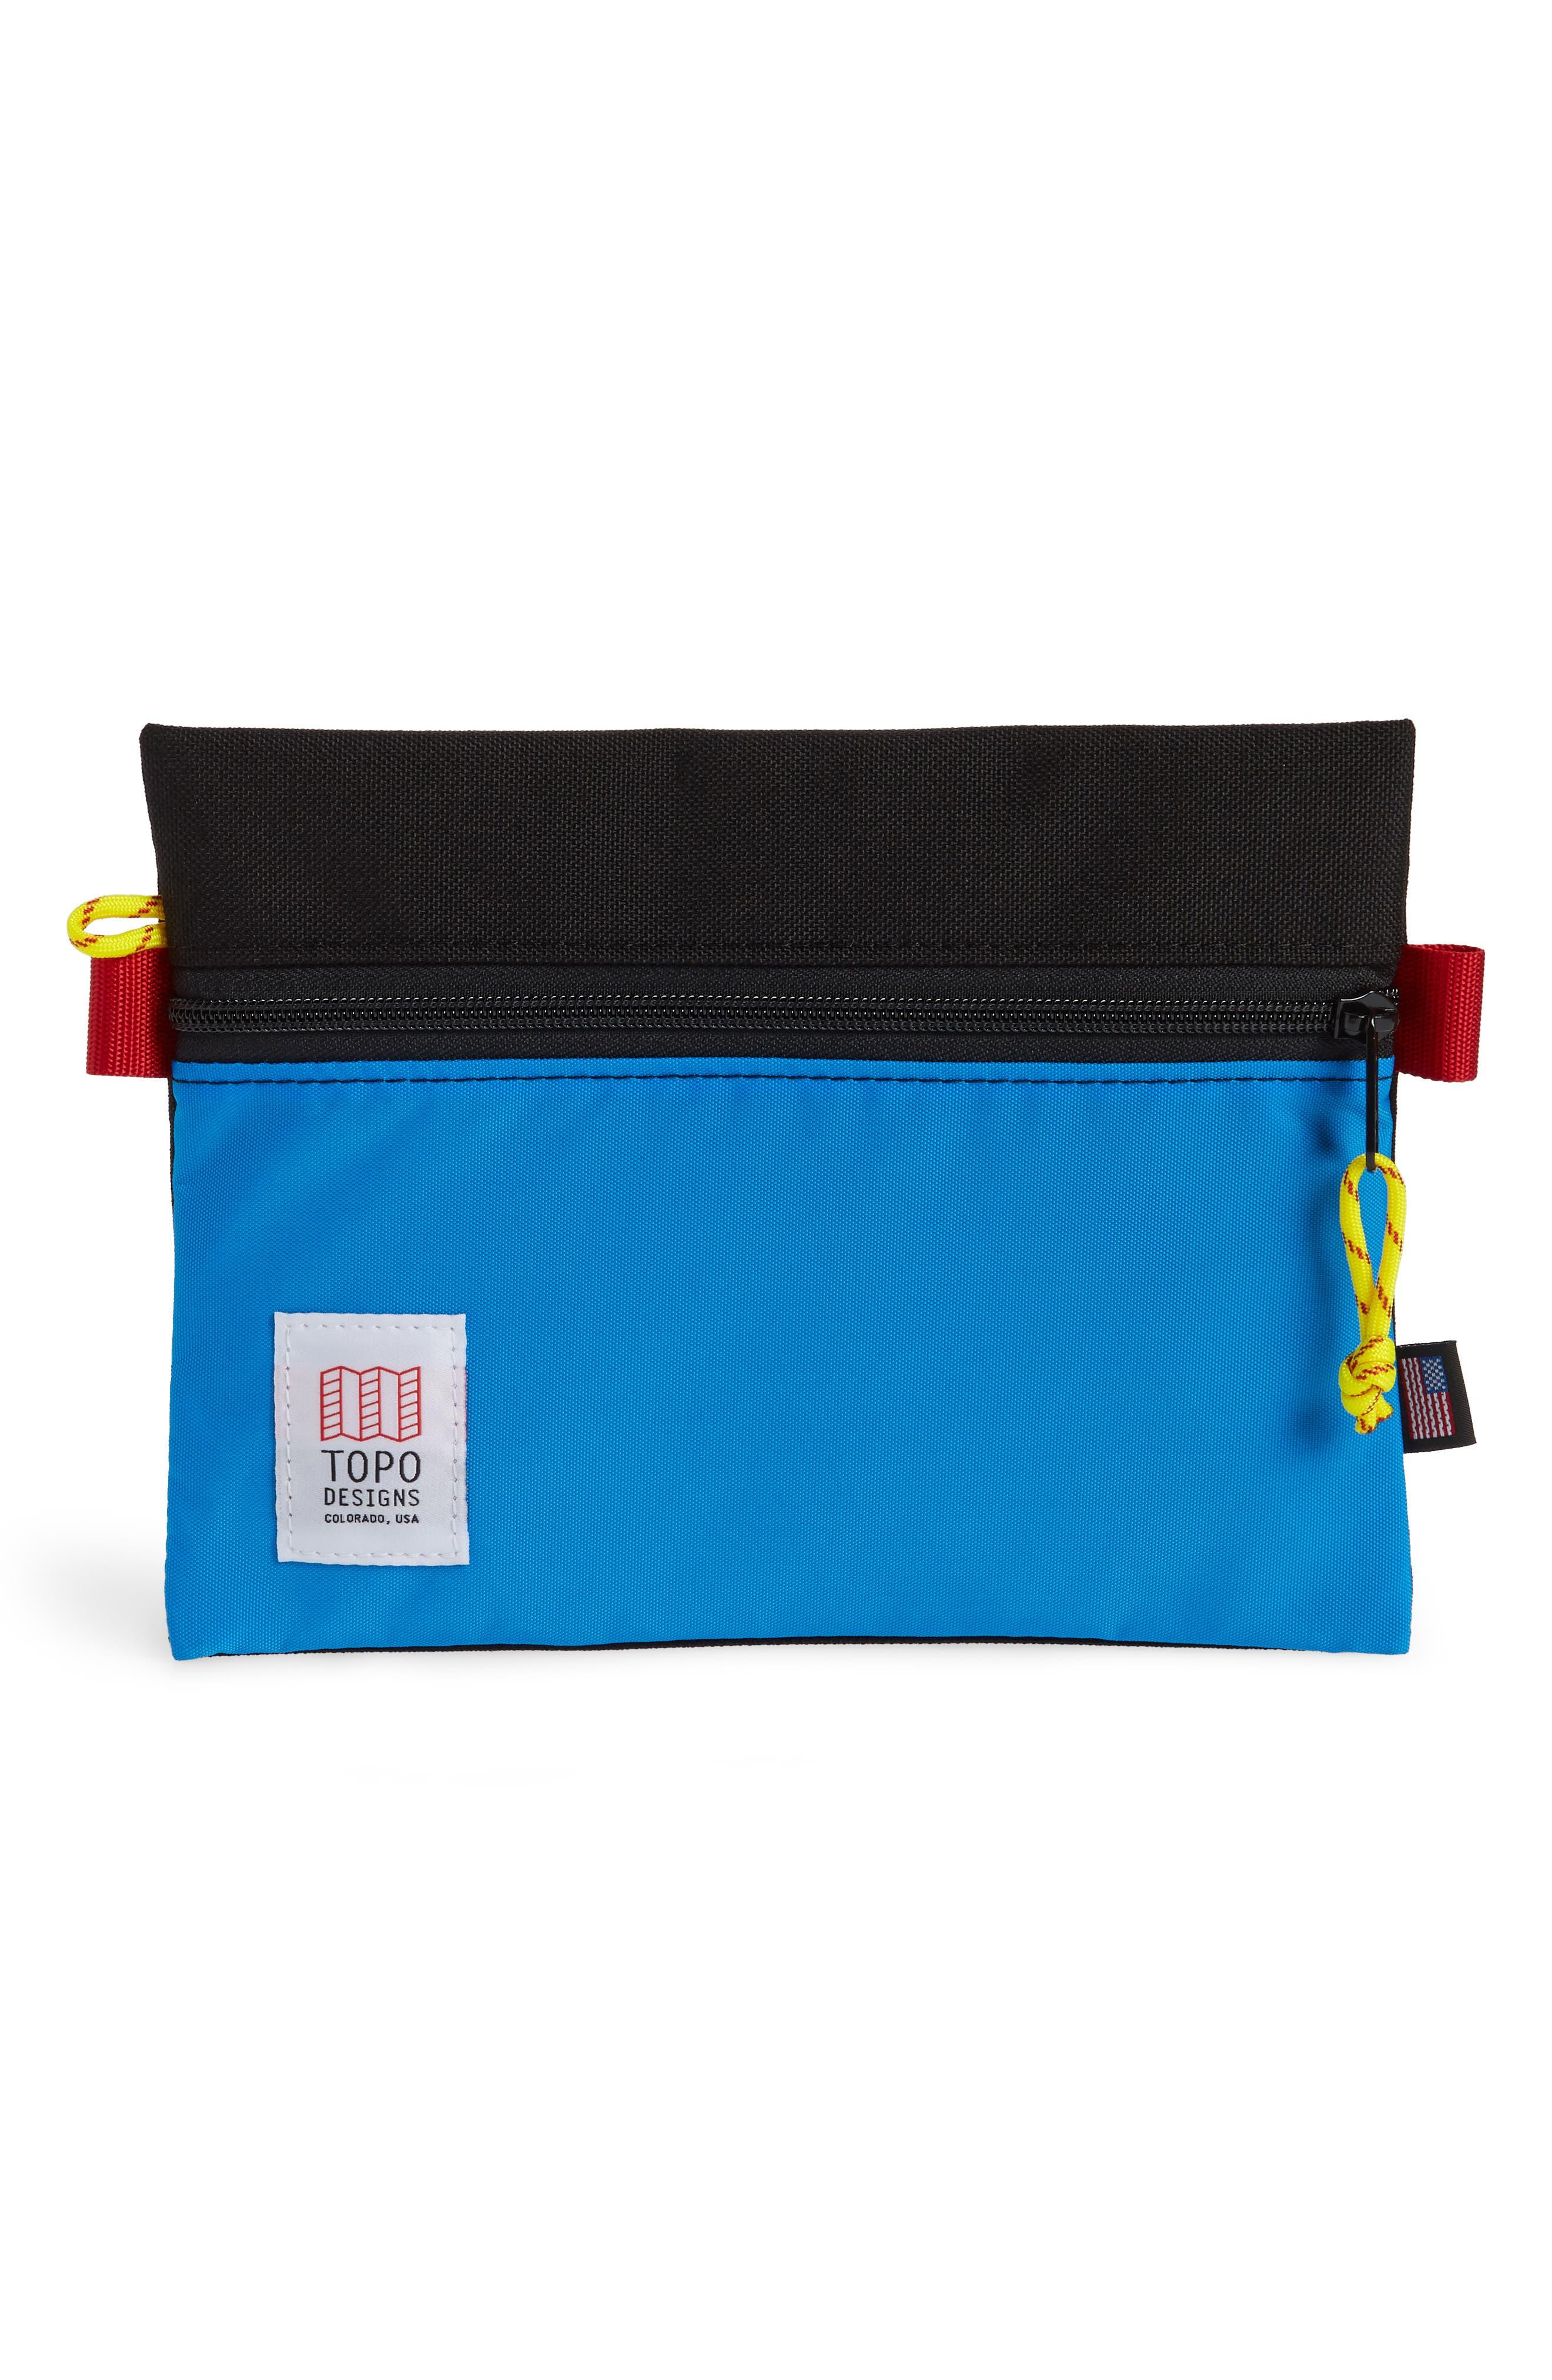 TopoDesigns Accessory Bag,                         Main,                         color, BLACK/ ROYAL